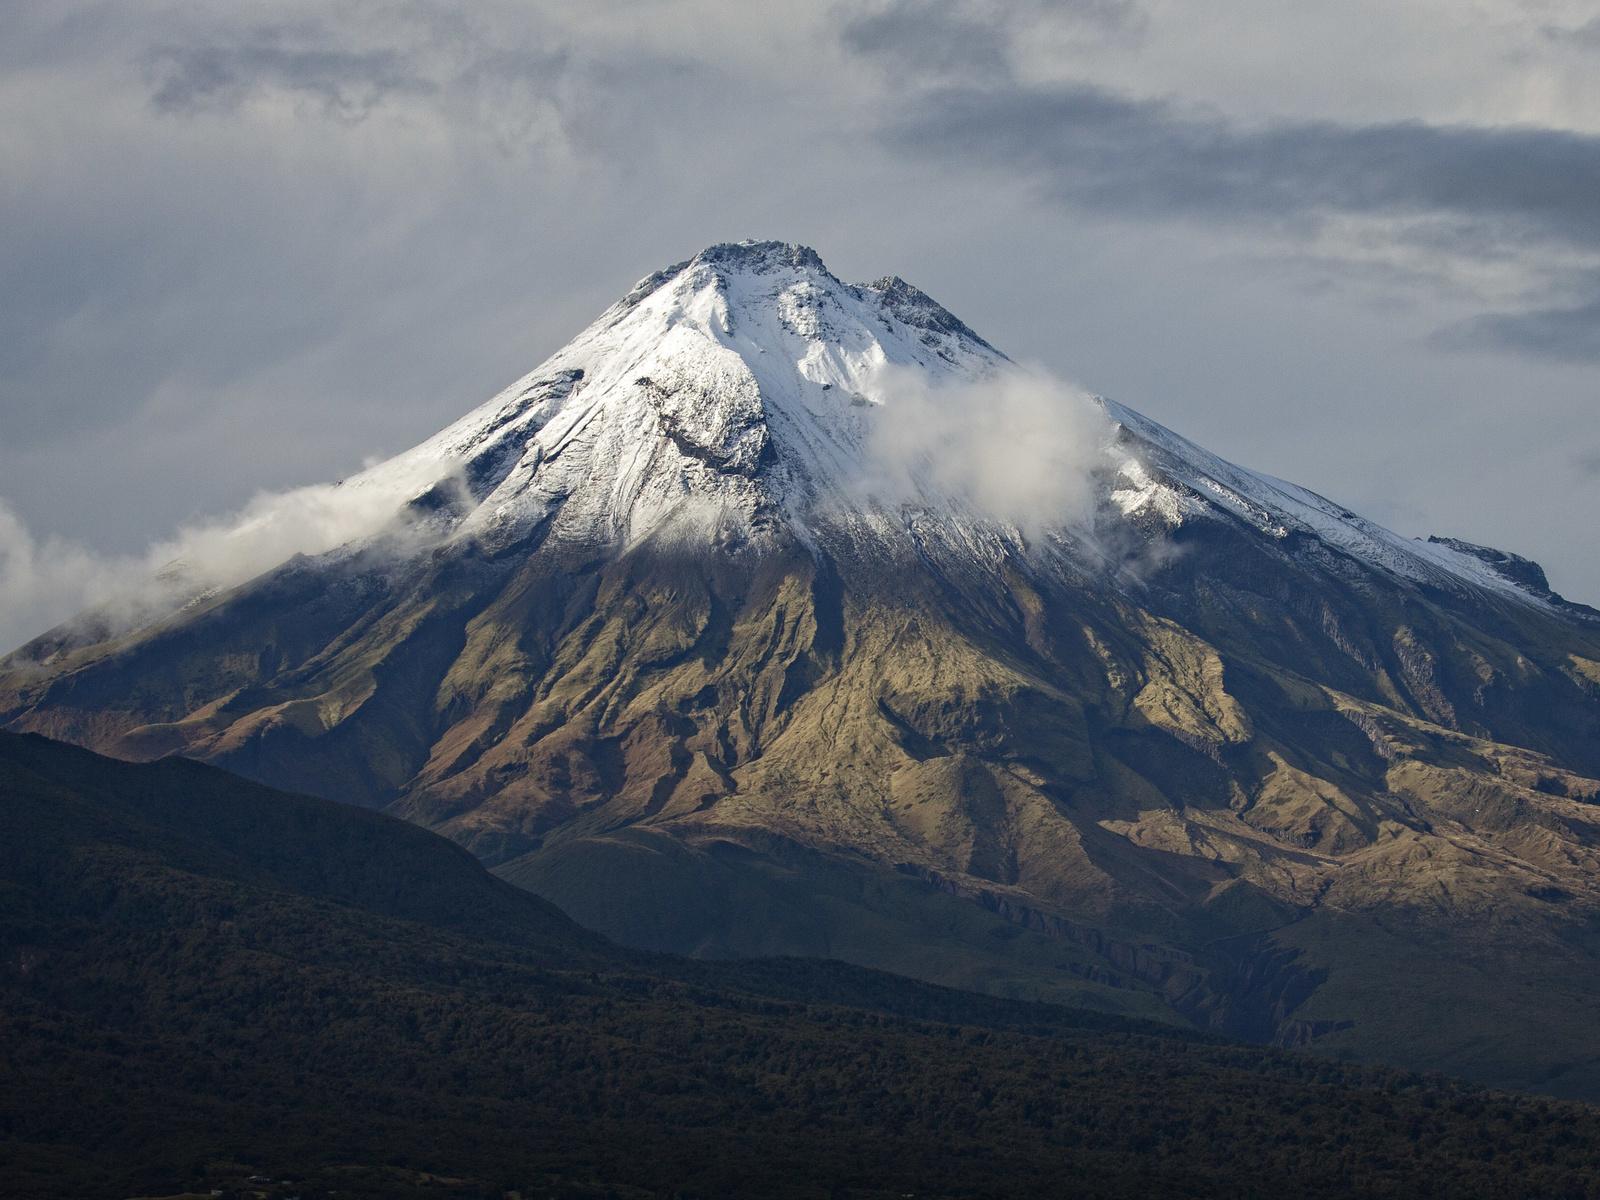 вулкан, горы, заснеженный, облака